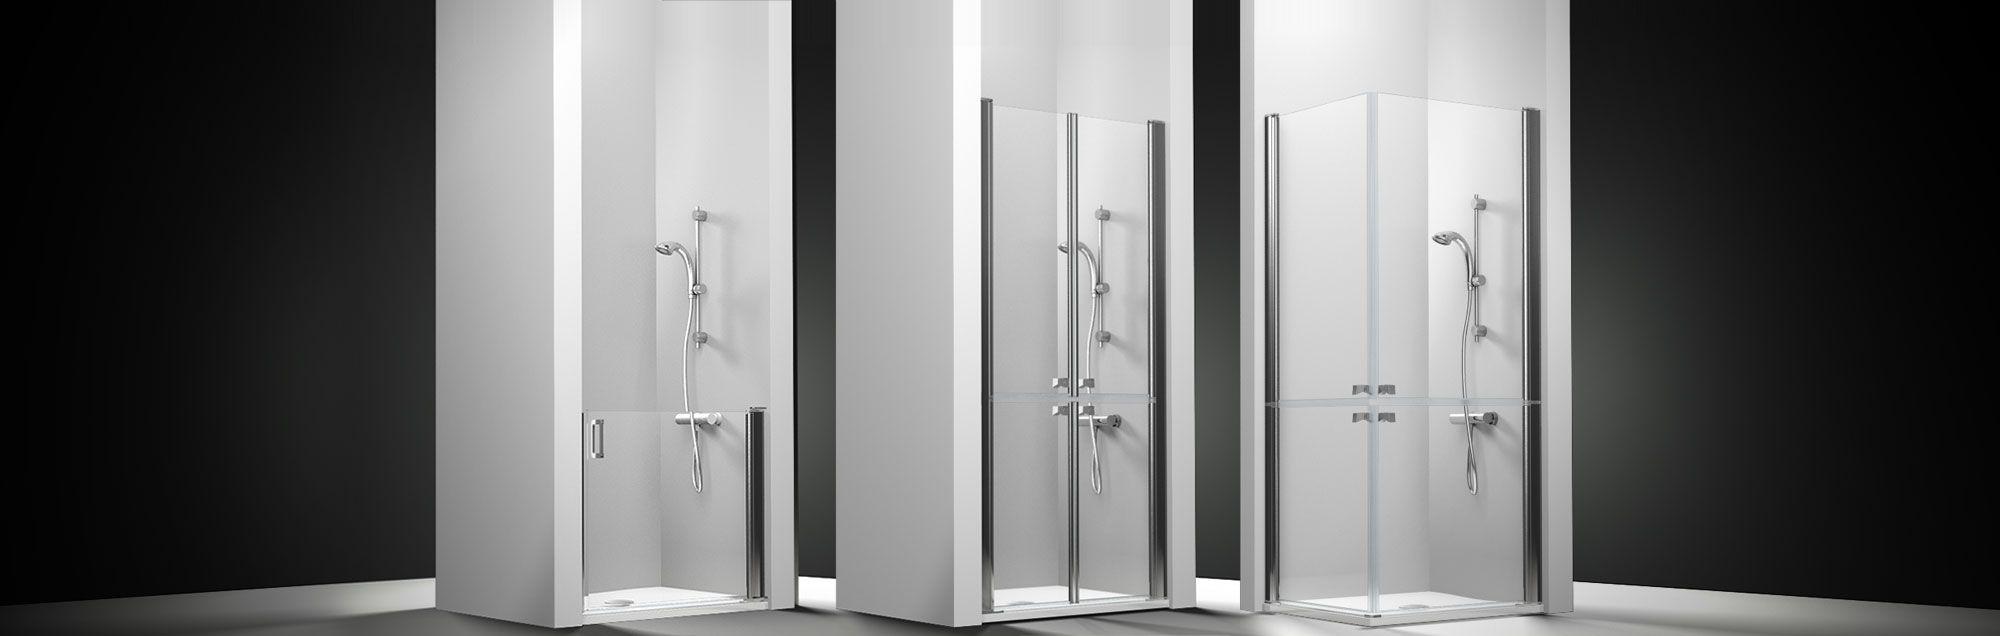 PROFILTEK Duschabtrennungen für barrierefreie Lösungen nach Maß